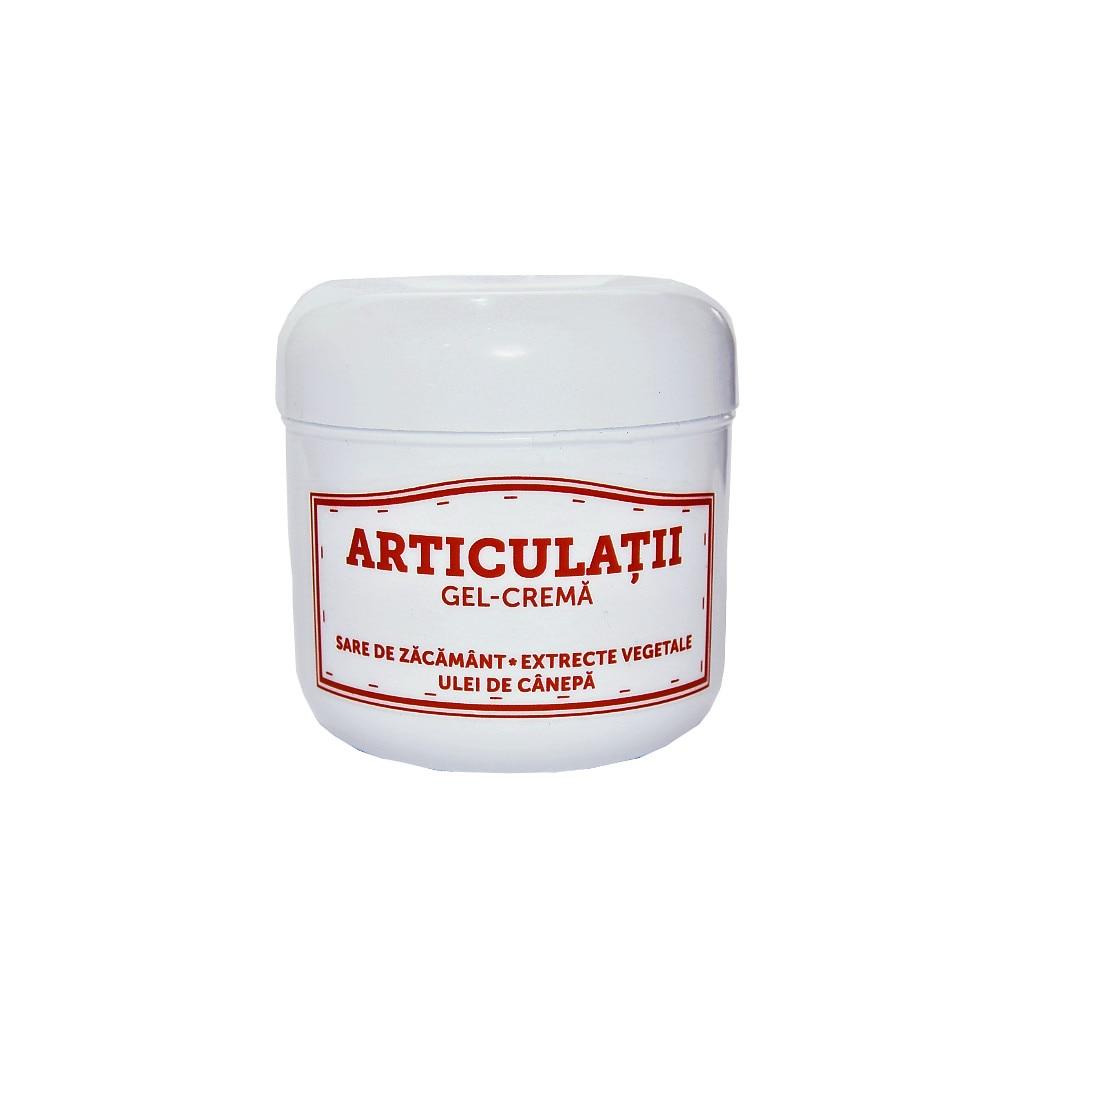 medicamente pentru unguent pentru tratarea articulațiilor picioarelor